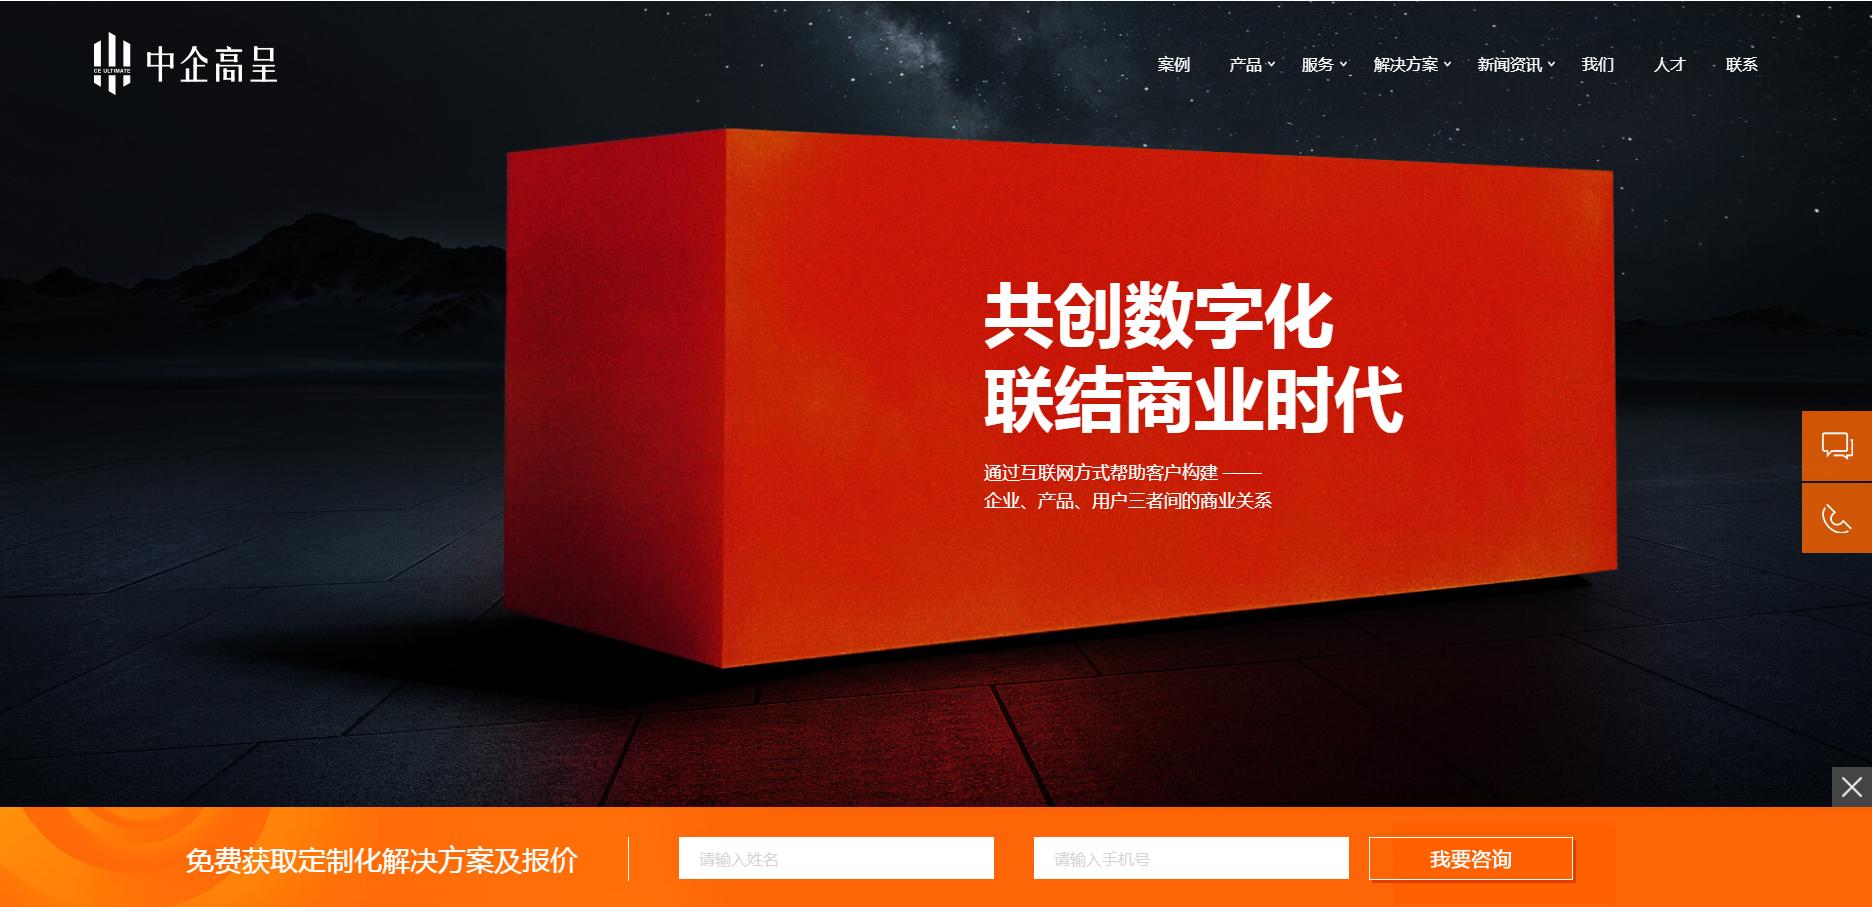 松湖碧桂园网站建设合作案例